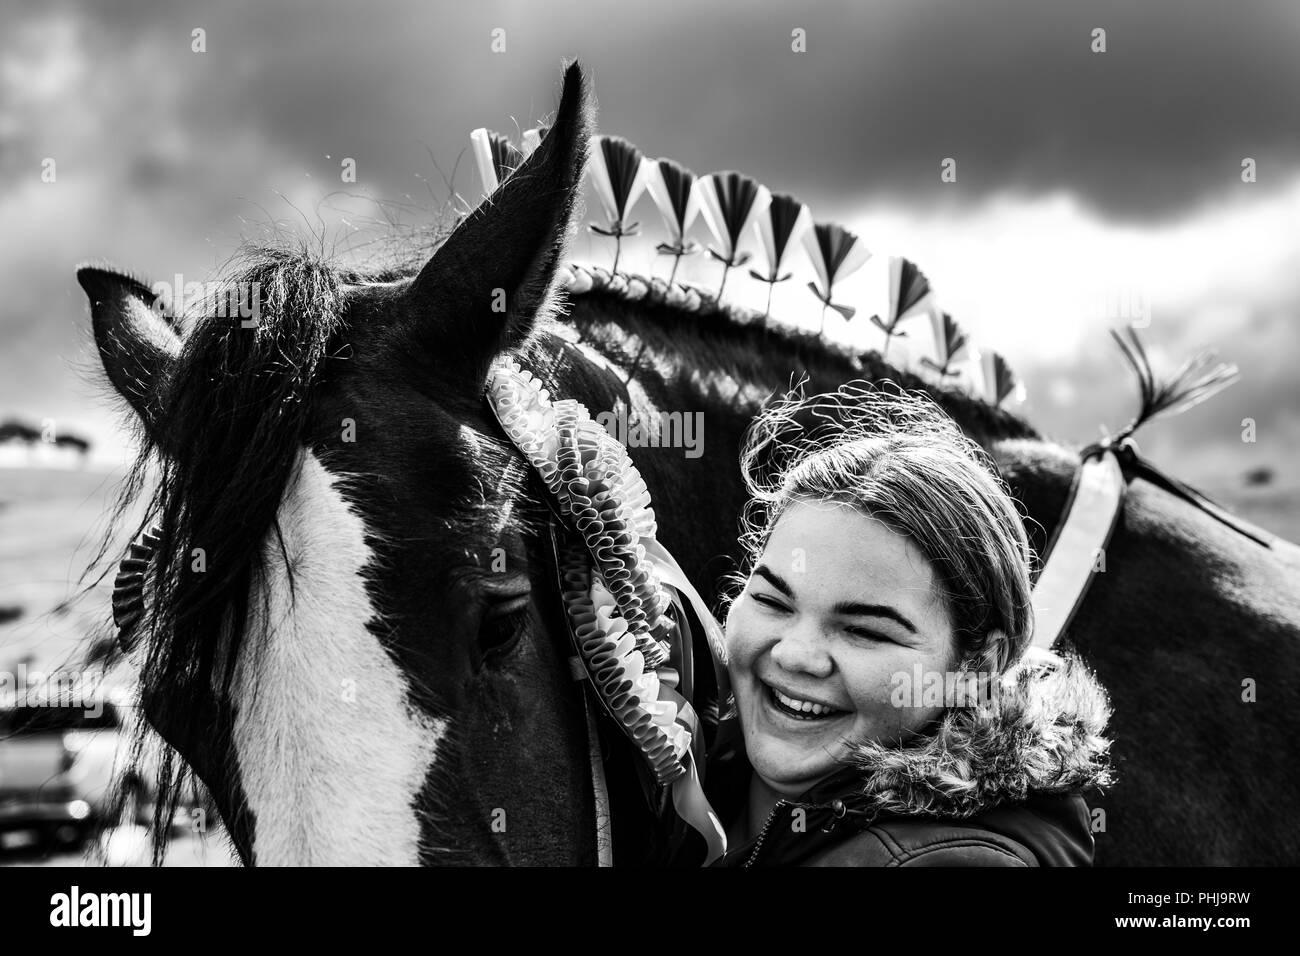 Ennerdale, Whitehaven, Cumbria, Großbritannien. 29. August 2018. Die Gemeinschaft der Ennerdale Wasser im Lake District halten ihre jährliche Landwirtschaft zeigen. Einbetten Stockbild